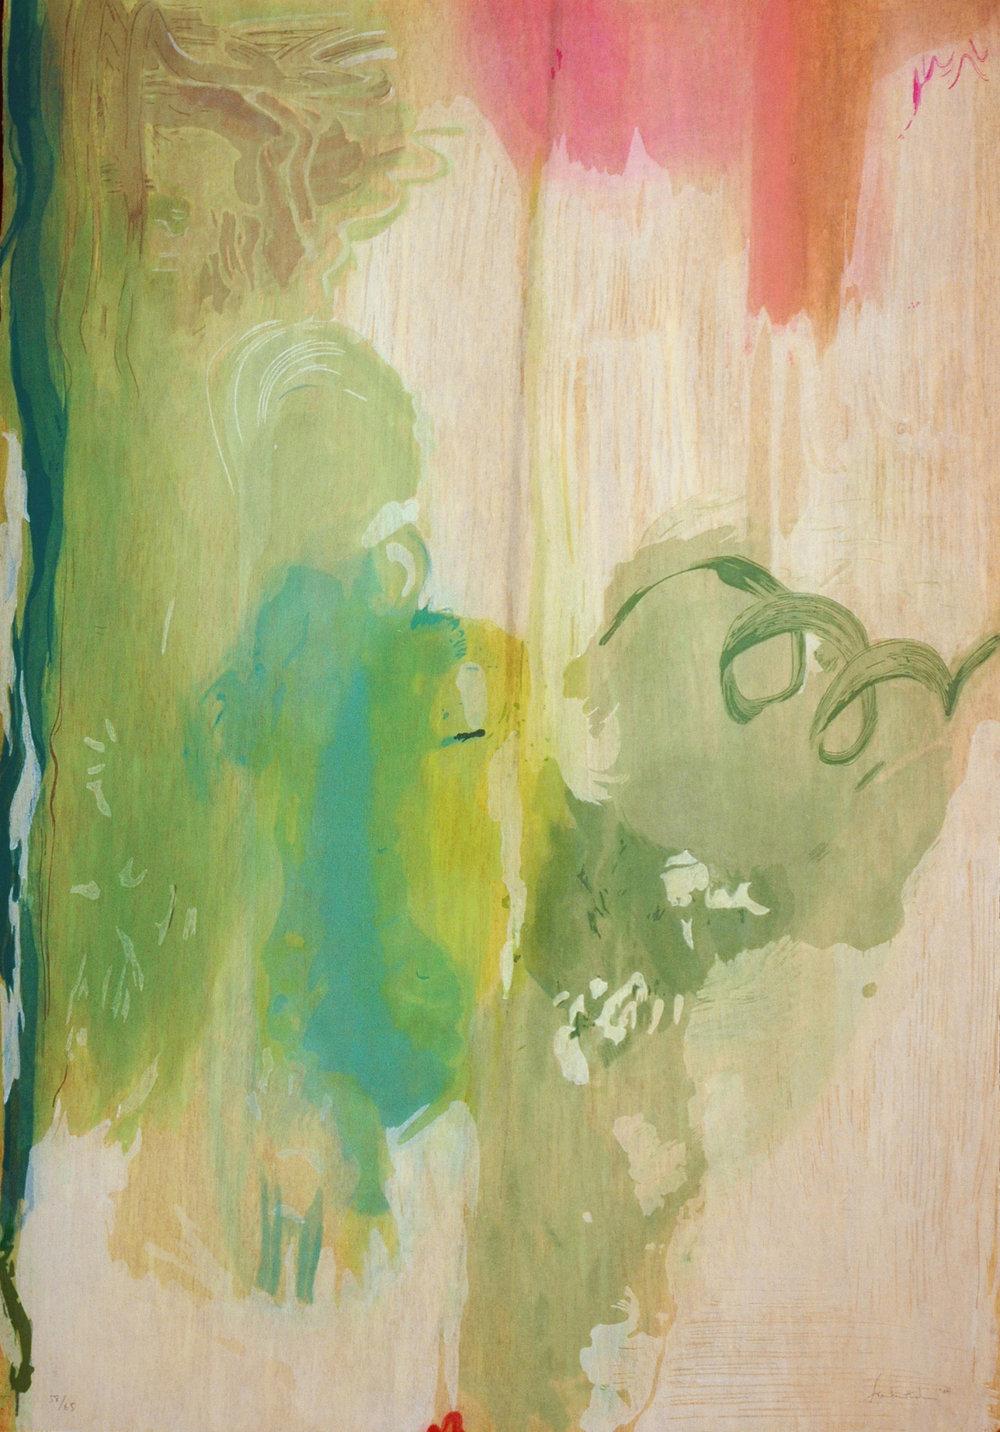 Helen_Frankenthaler_Color_3.jpg